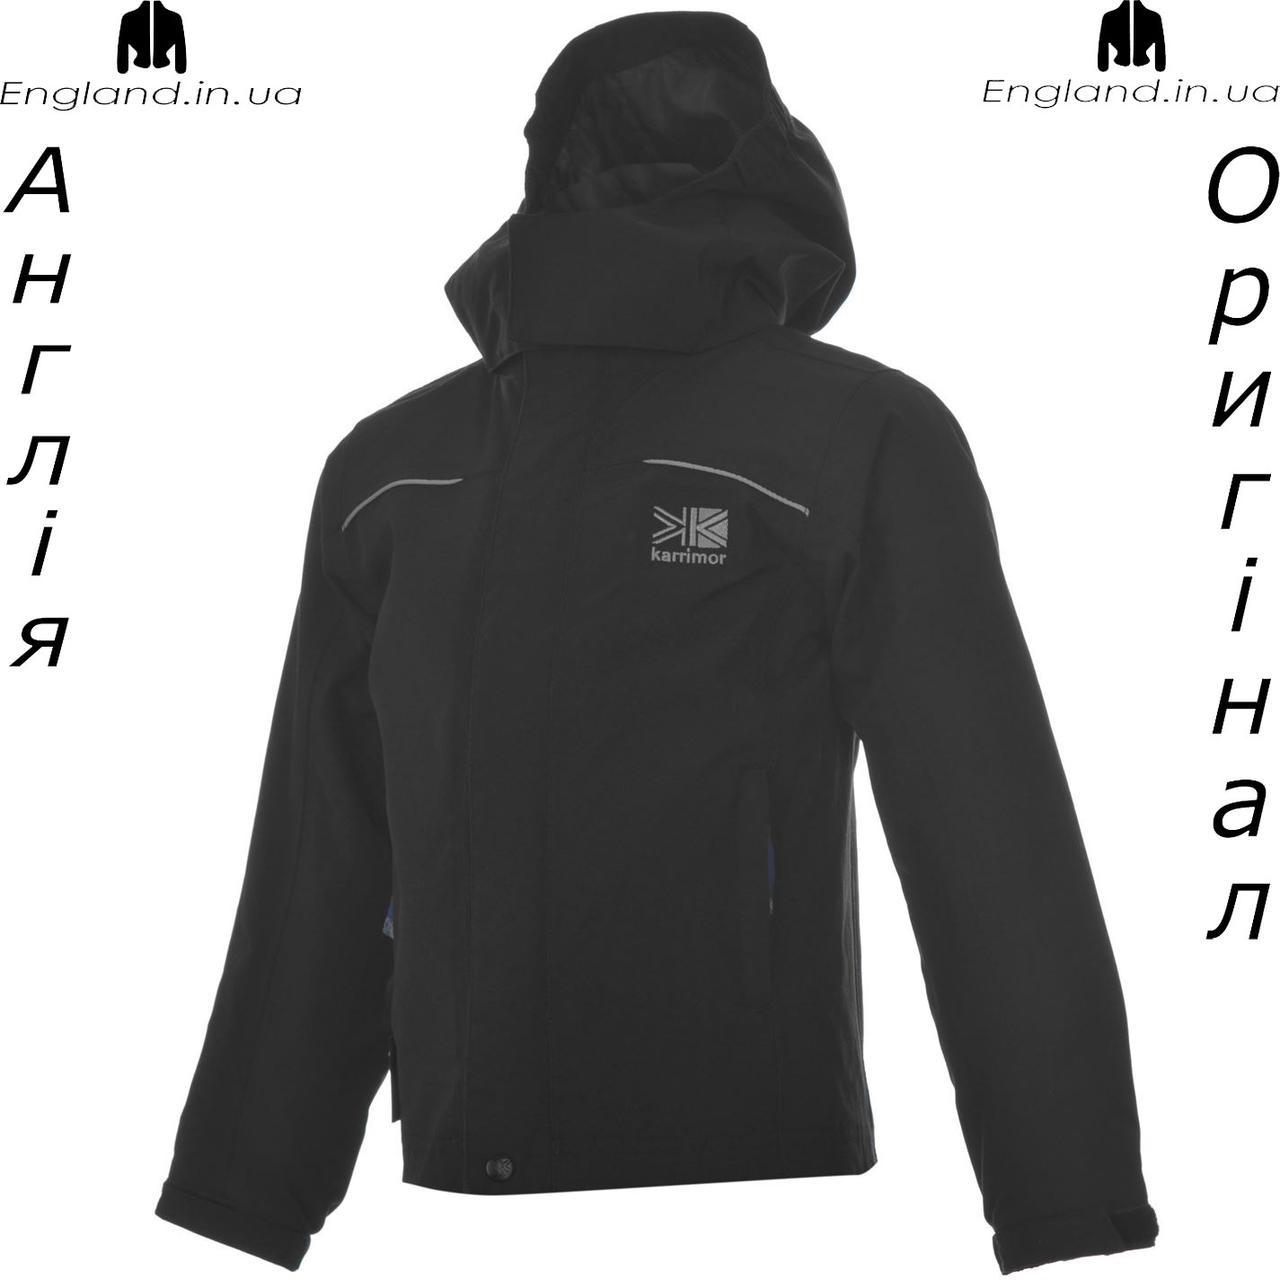 Куртка 3 в 1 Karrimor из Англии для мальчиков 2-14 лет - Weathertite осень-легкая зима